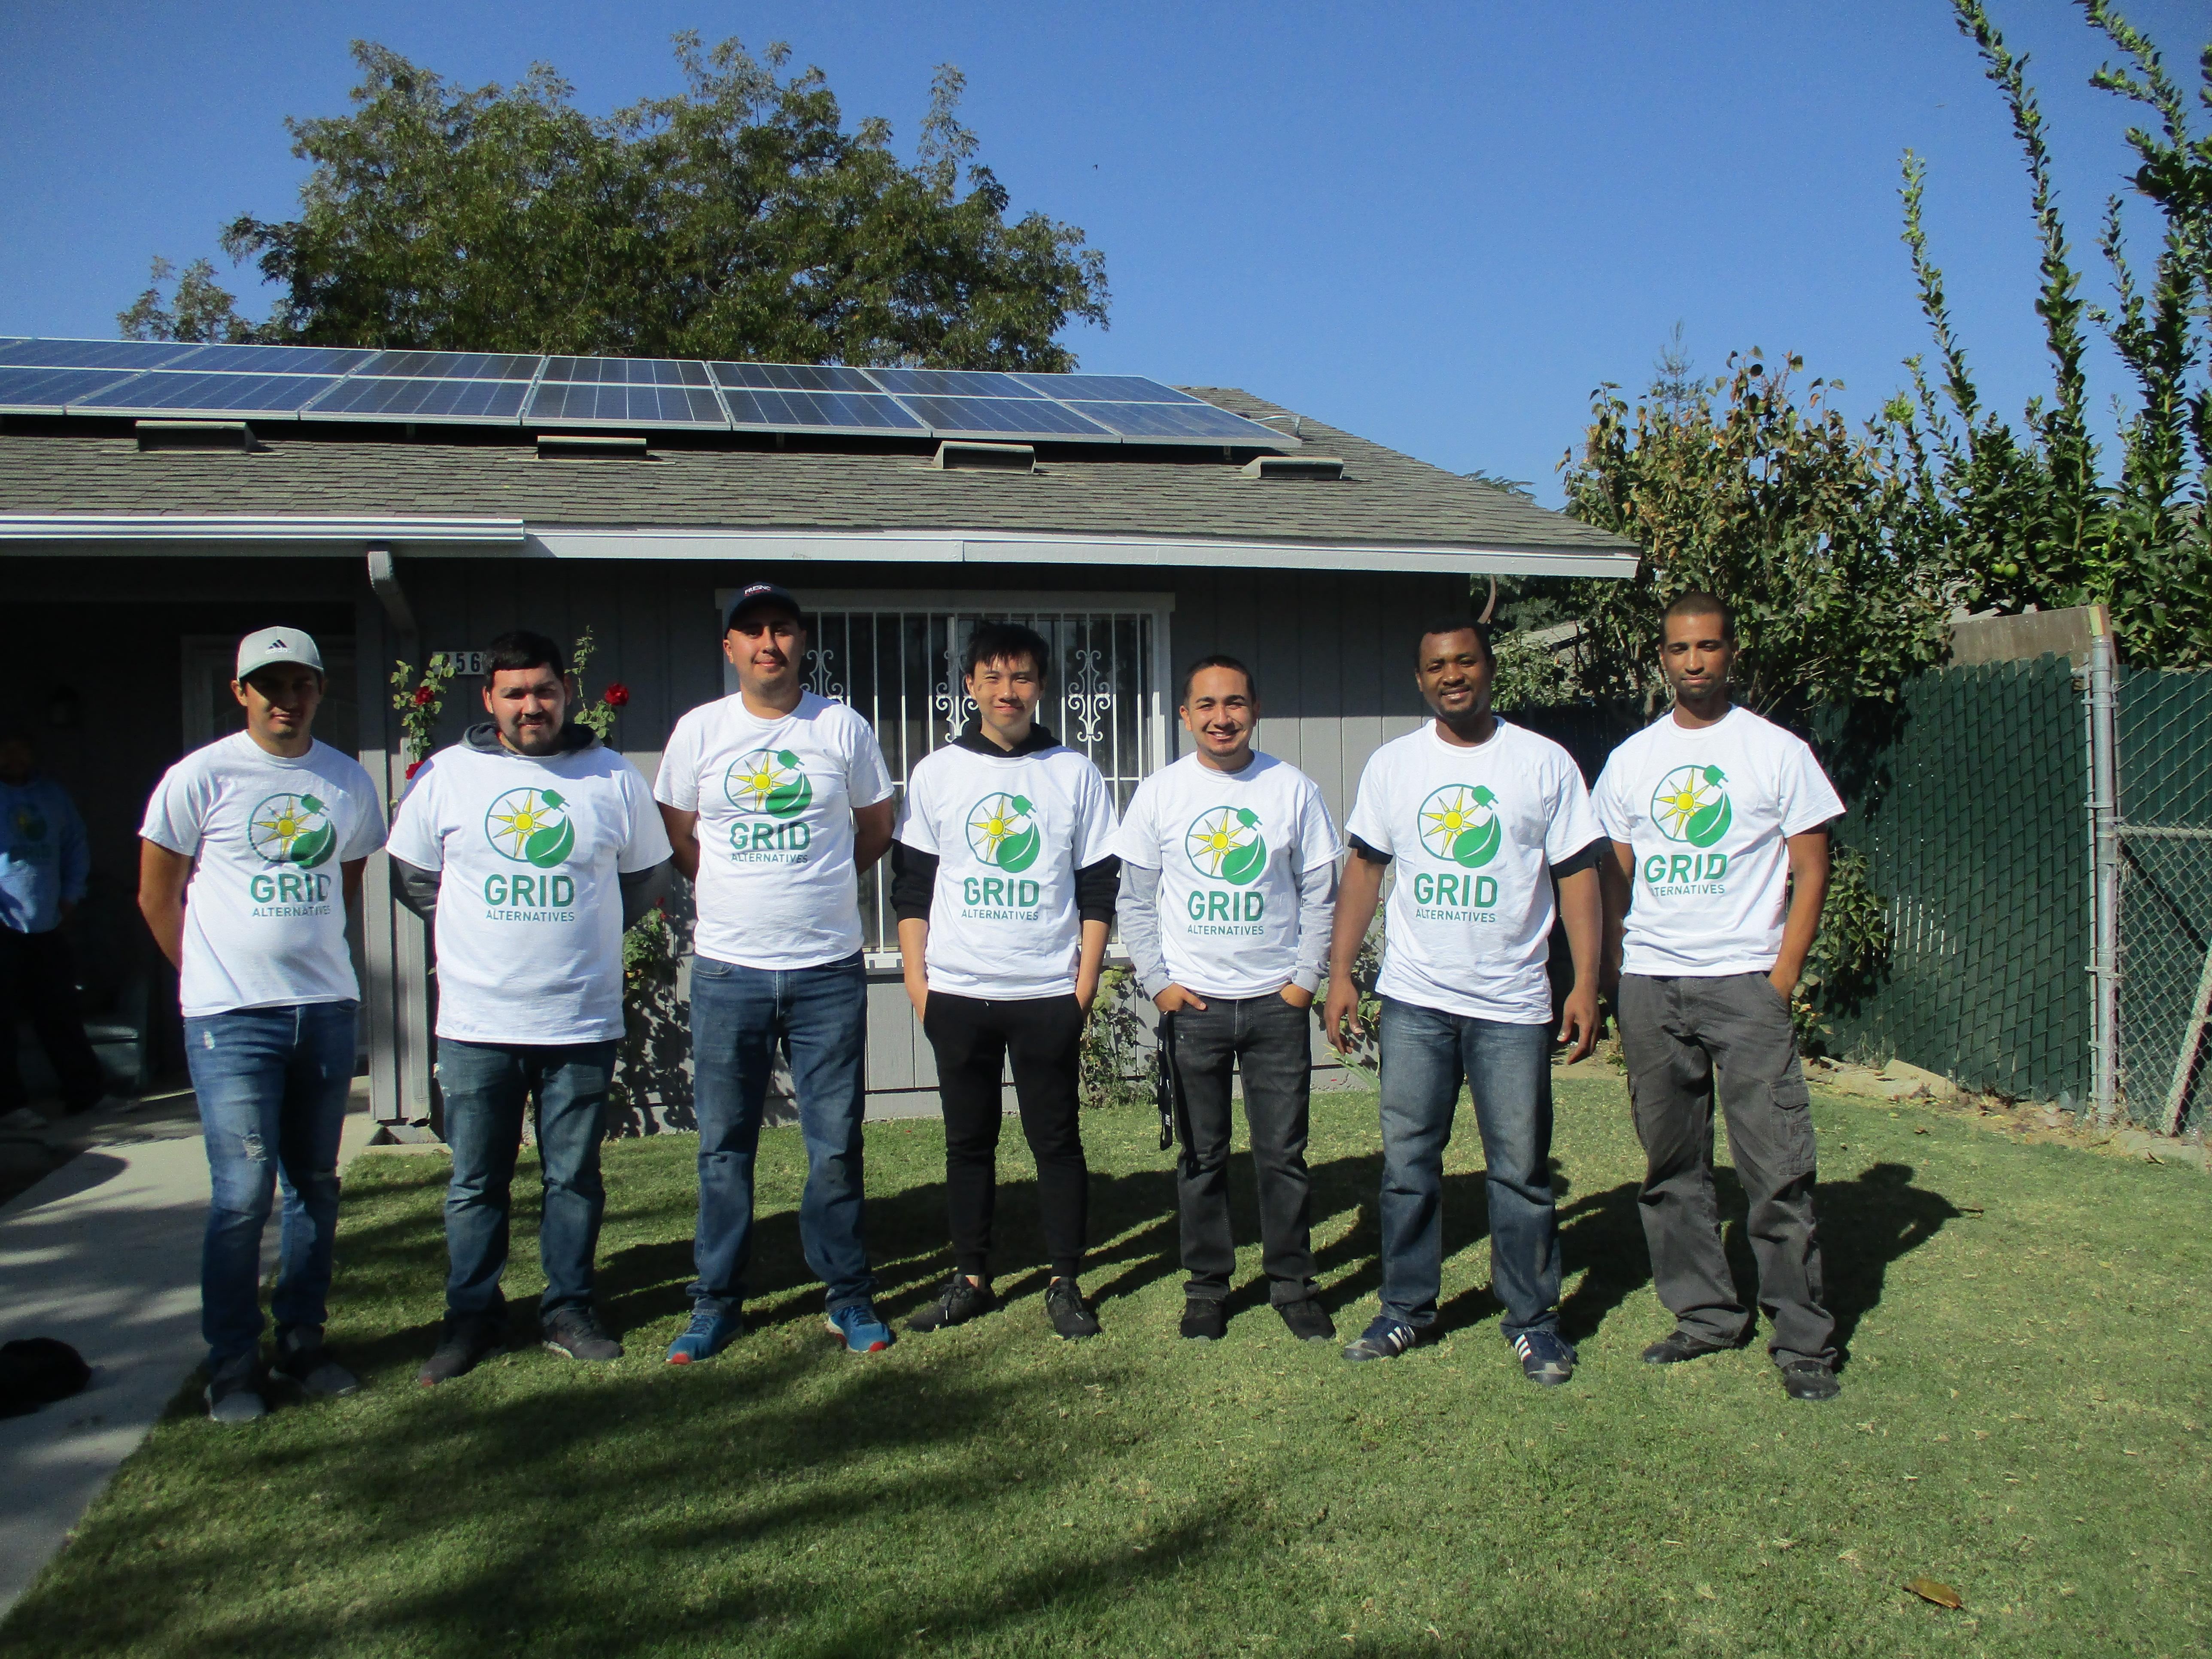 Volunteers at a solar installation